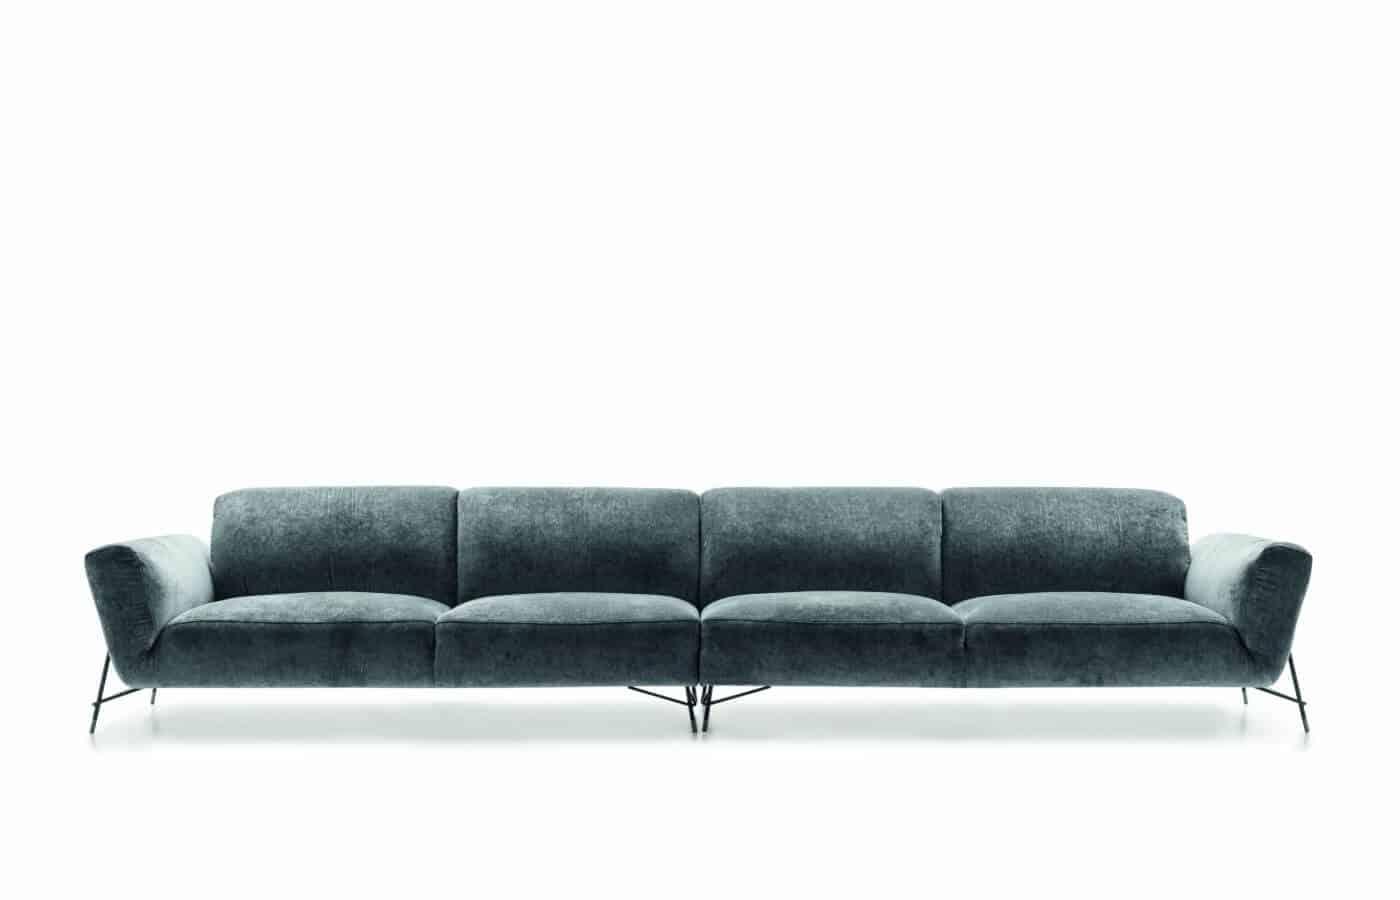 divani-lineare-collezione-turro-il-mobile